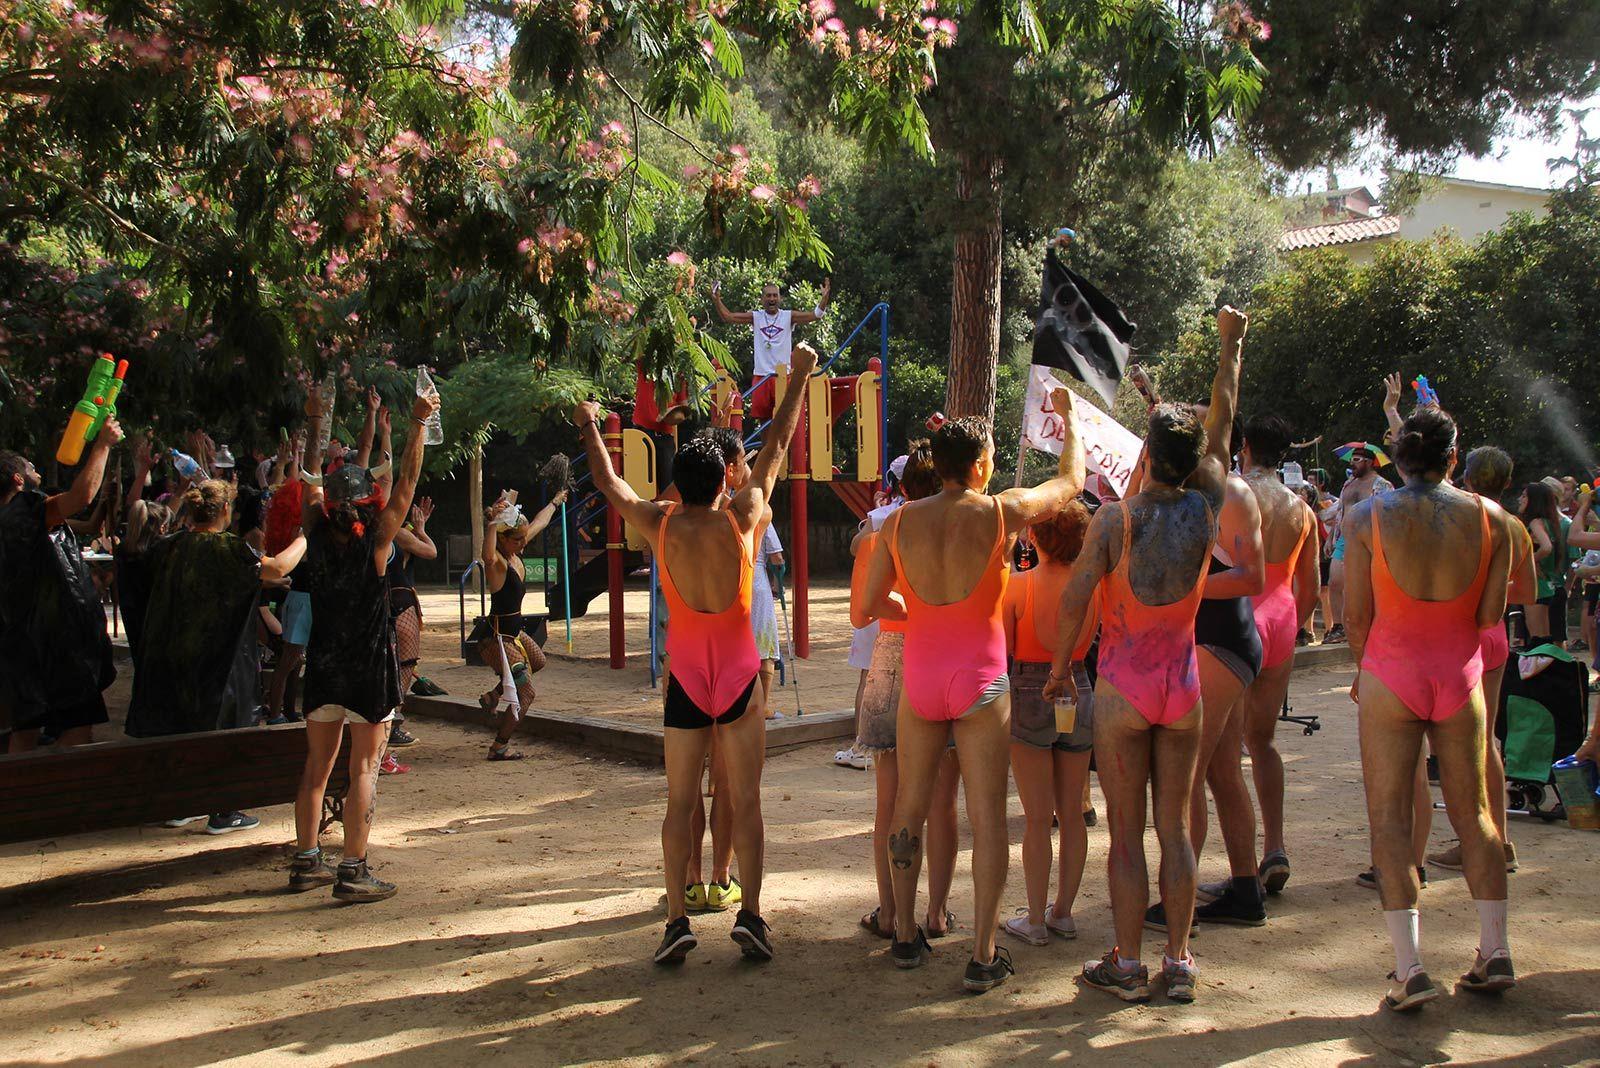 Olimpíades bandarres a la Festa Major de La Floresta. FOTO: Paula Galván